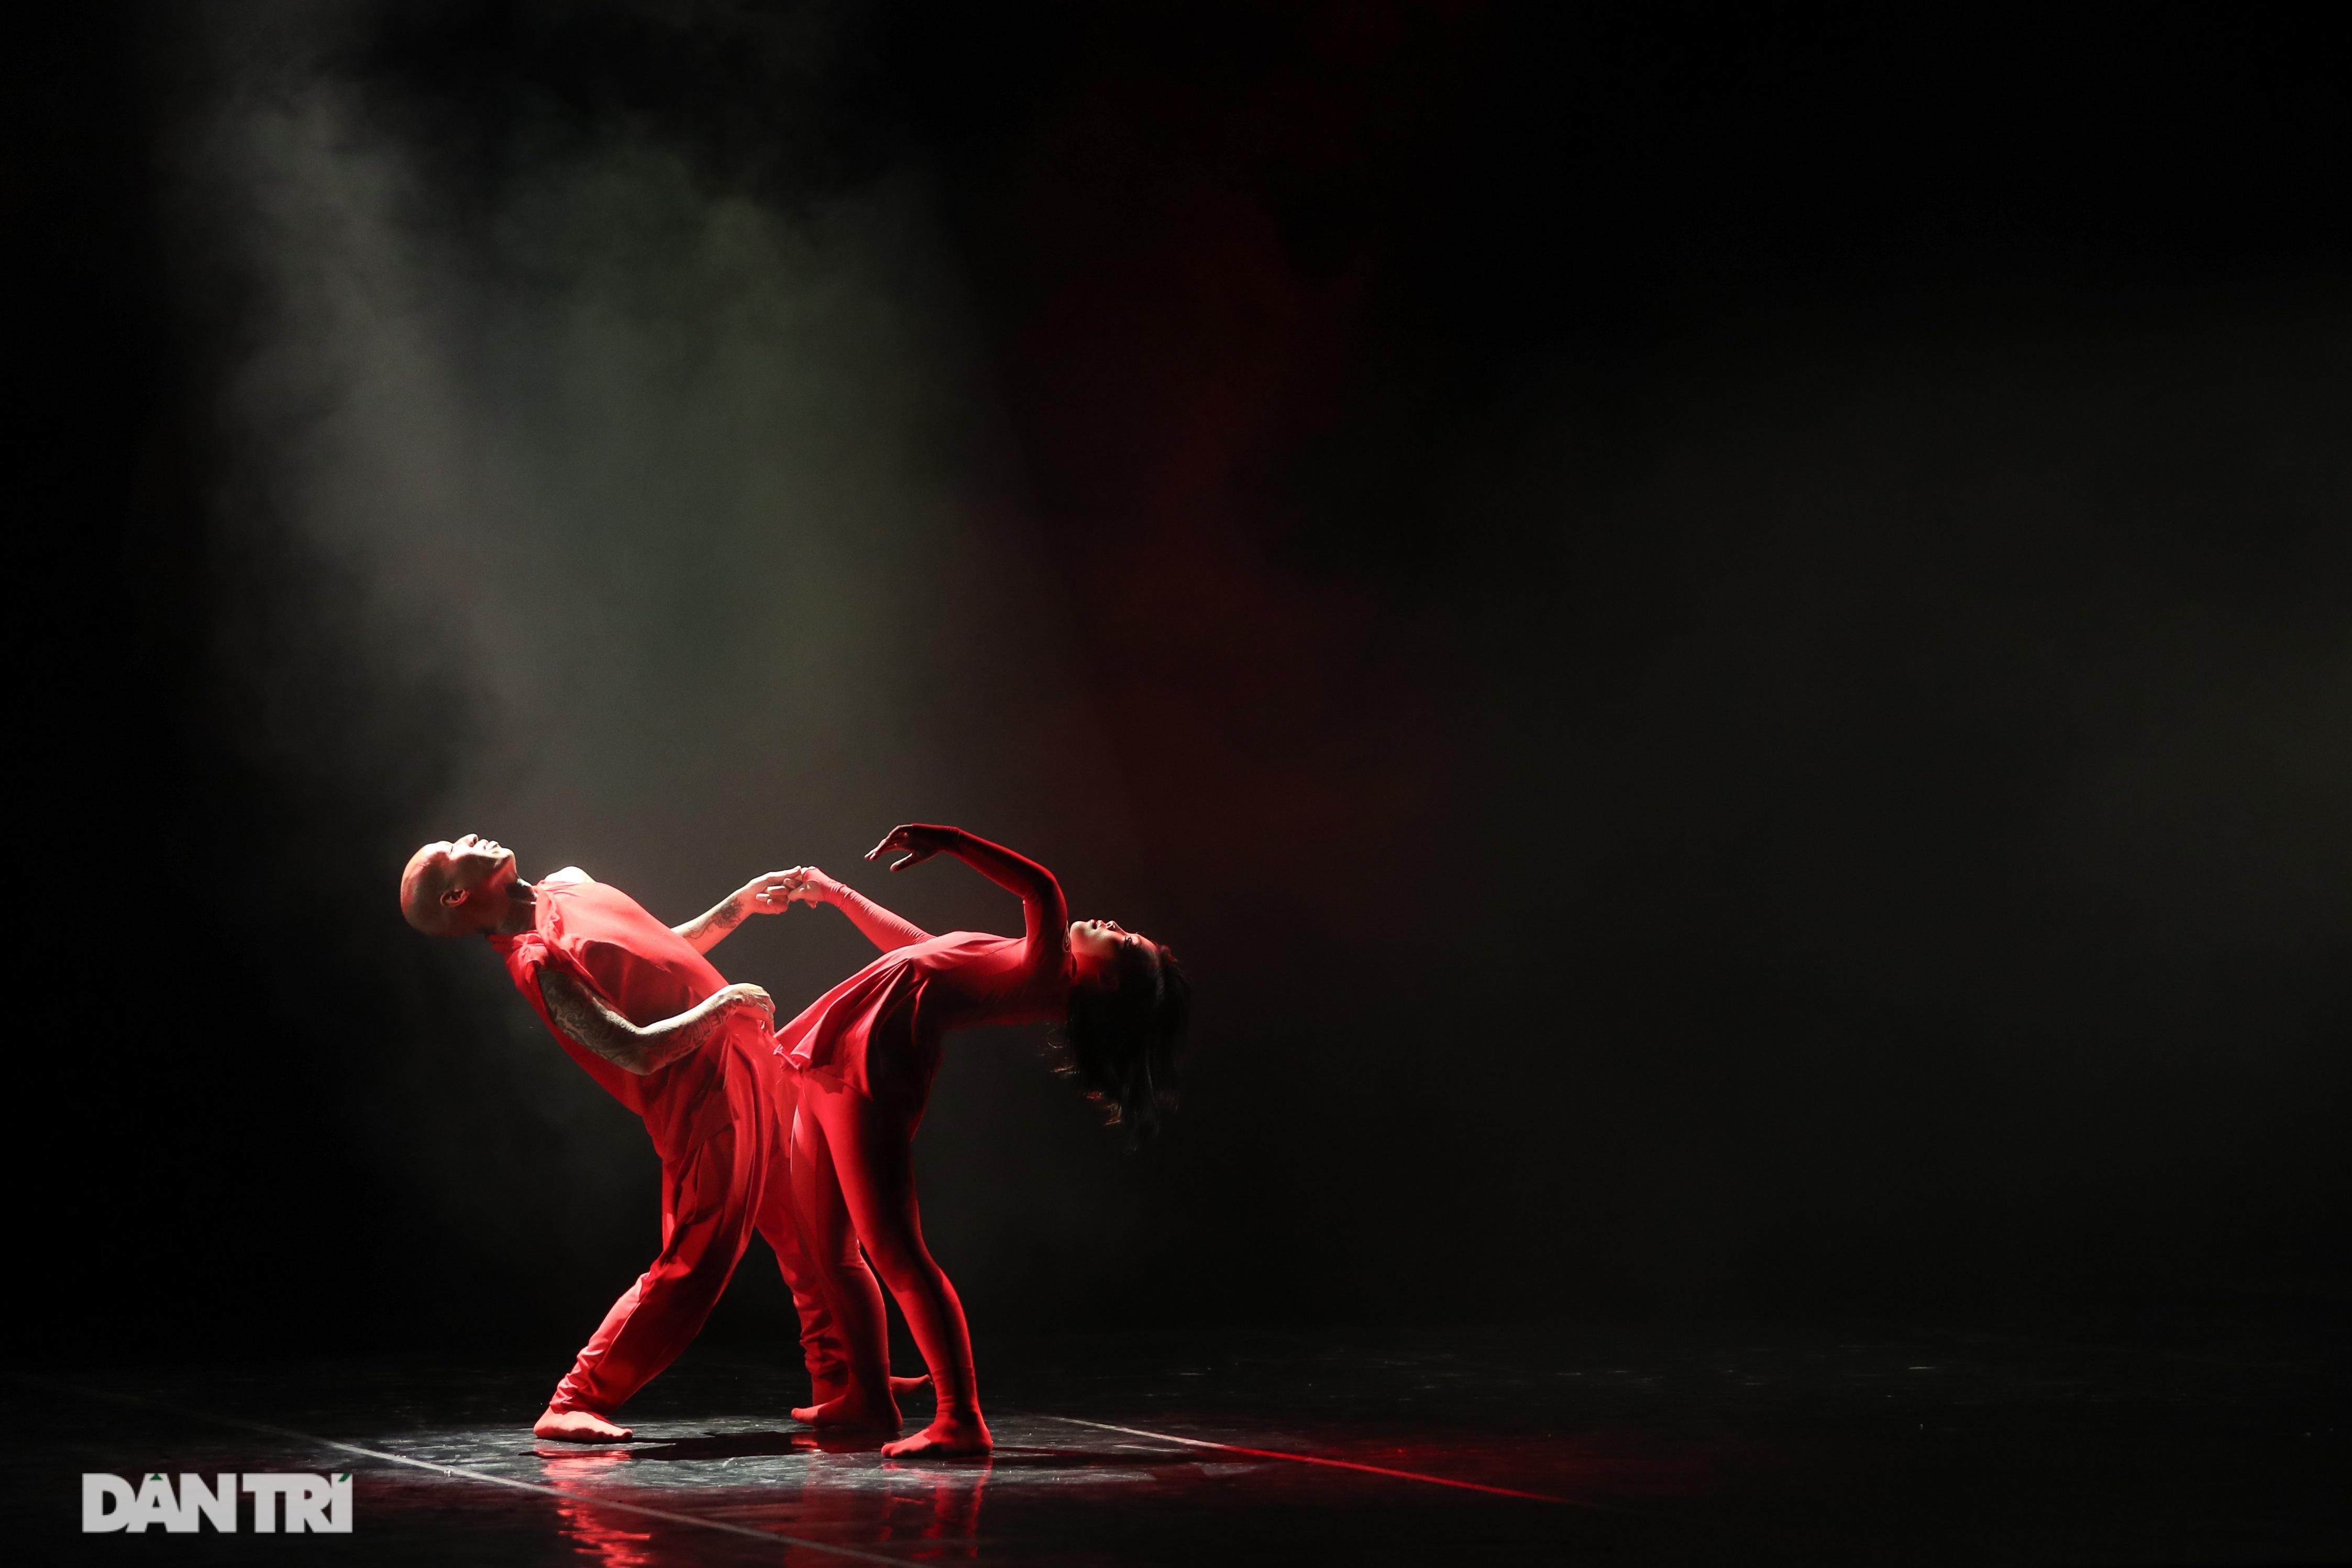 Khoảnh khắc mê hồn tại cuộc thi Tài năng biểu diễn múa - 15